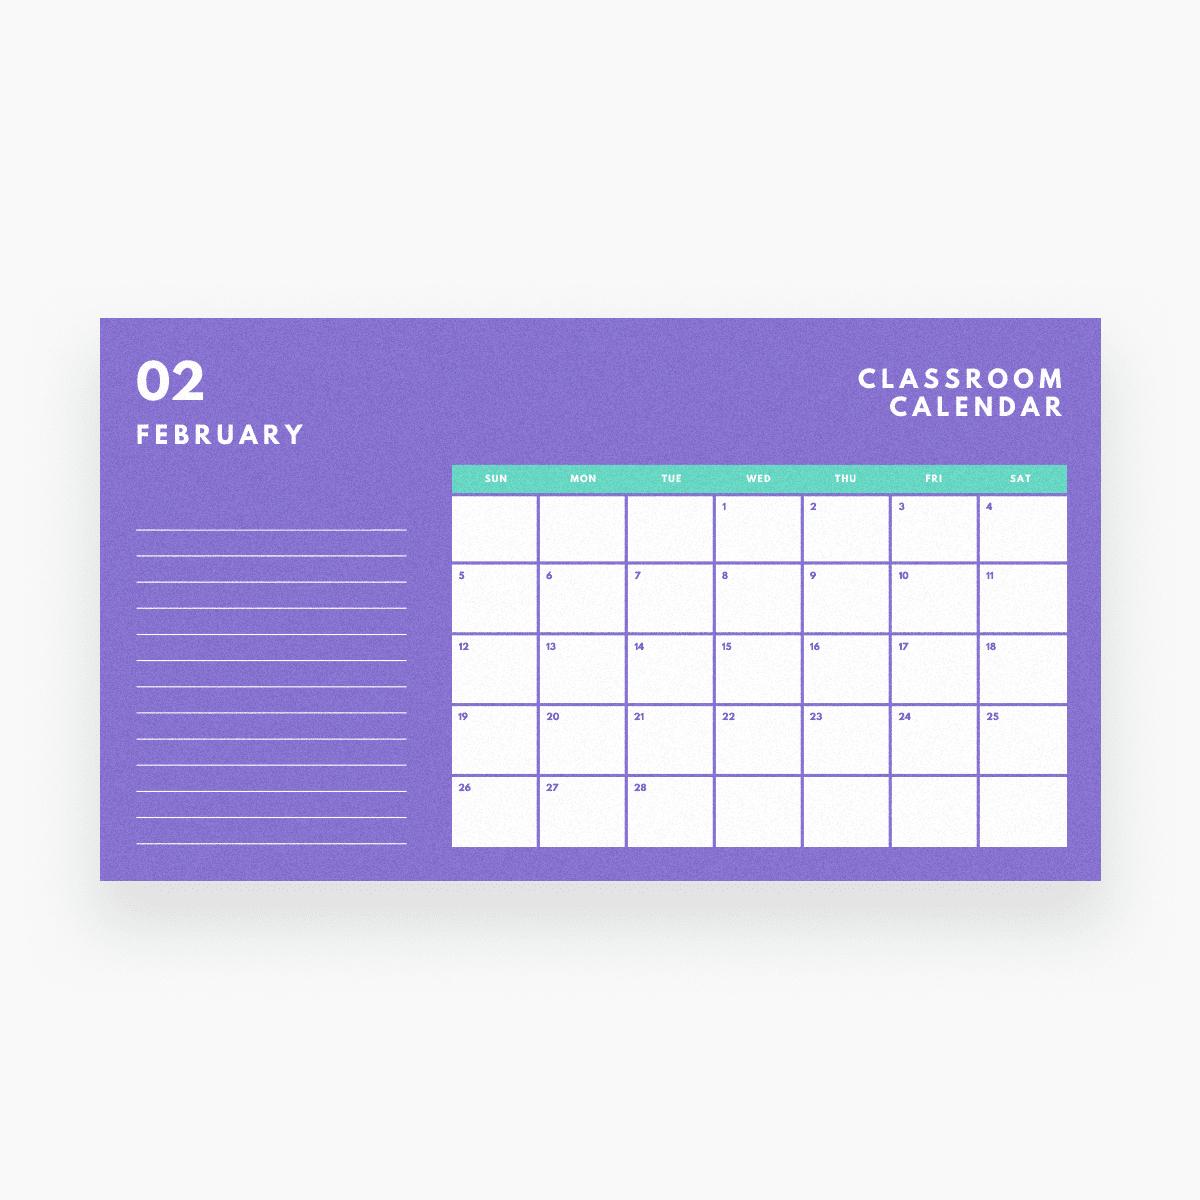 Free Online Calendar Maker: Design A Custom Calendar - Canva Free Calendar To Edit And Save